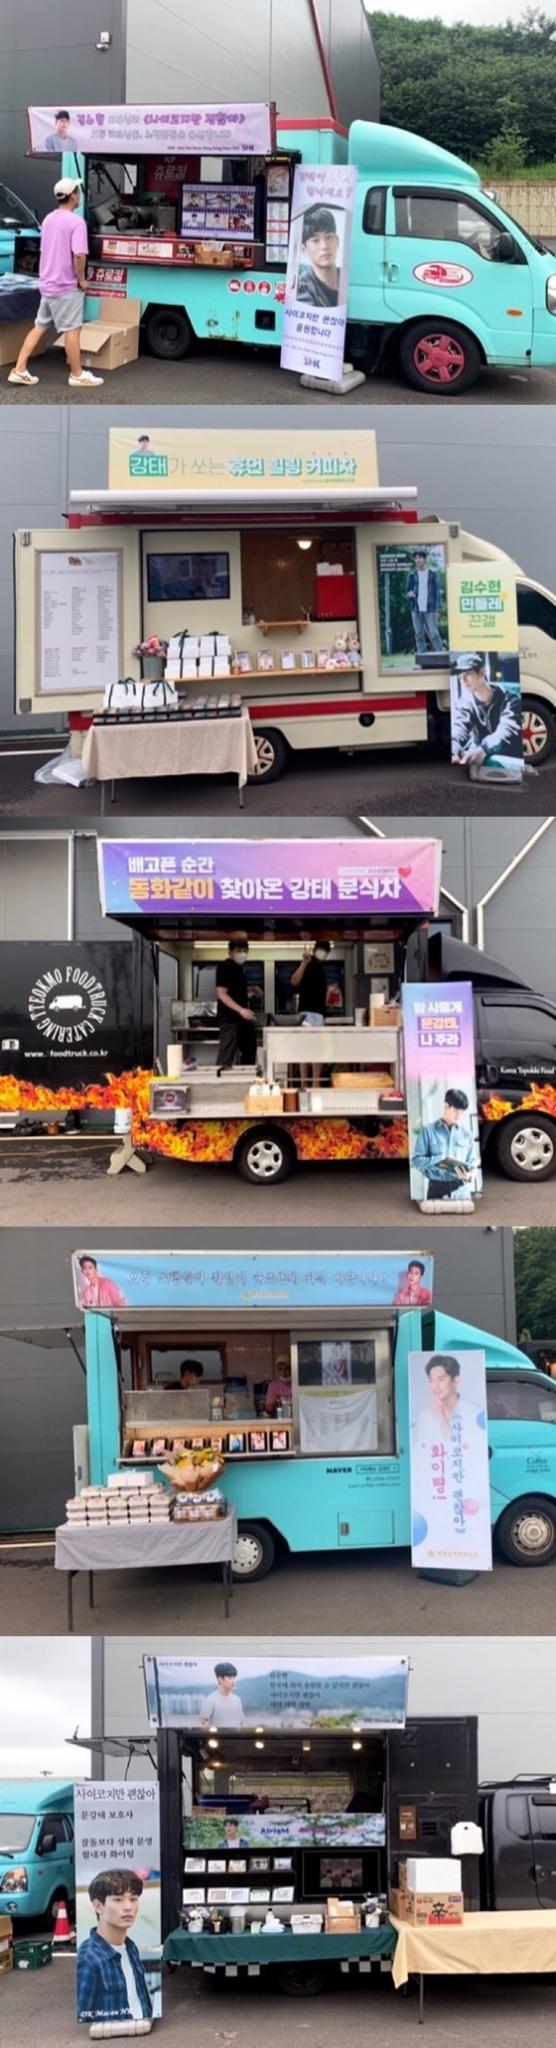 /사진=김수현 인스타그램 스토리